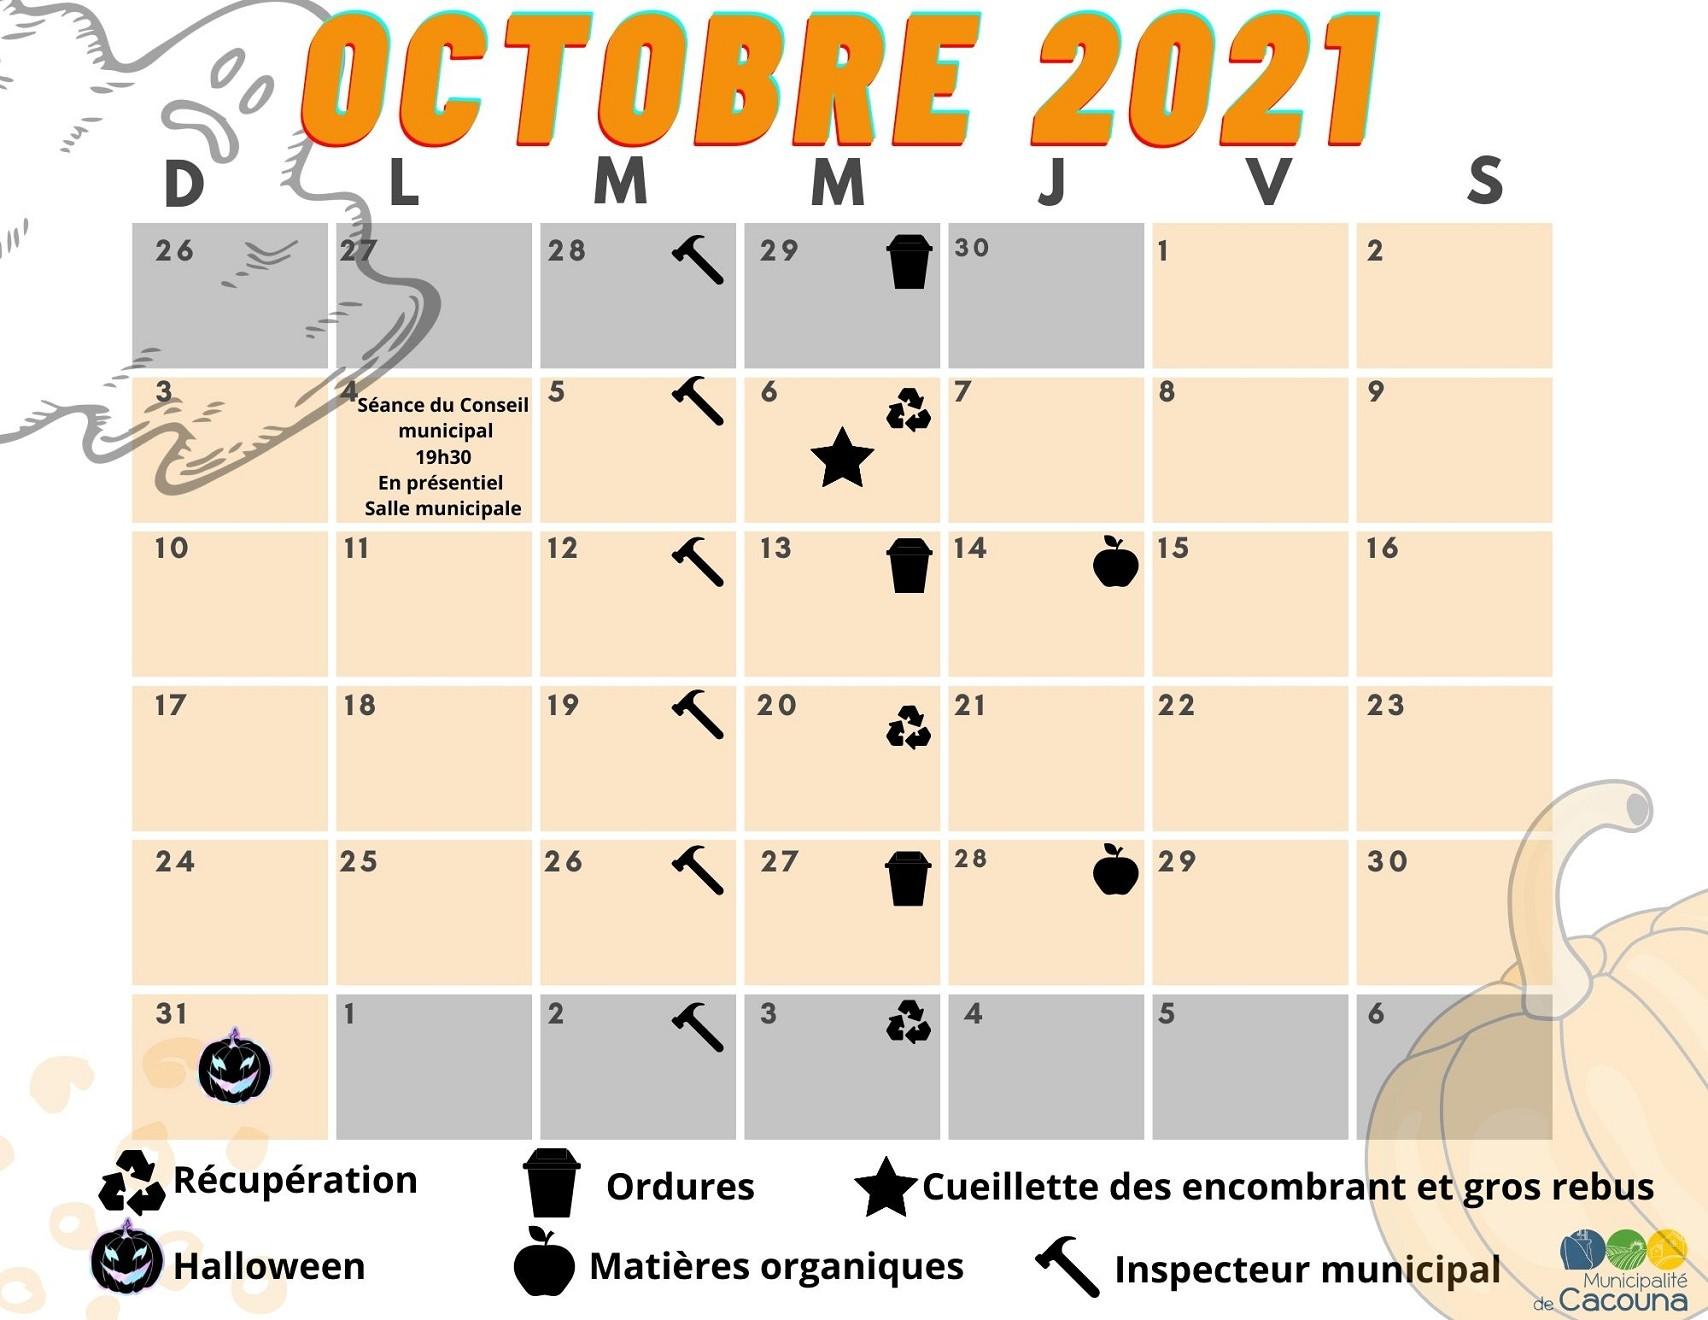 Calendrier Octobre 2021 (Auteur : Cédric Soucy)